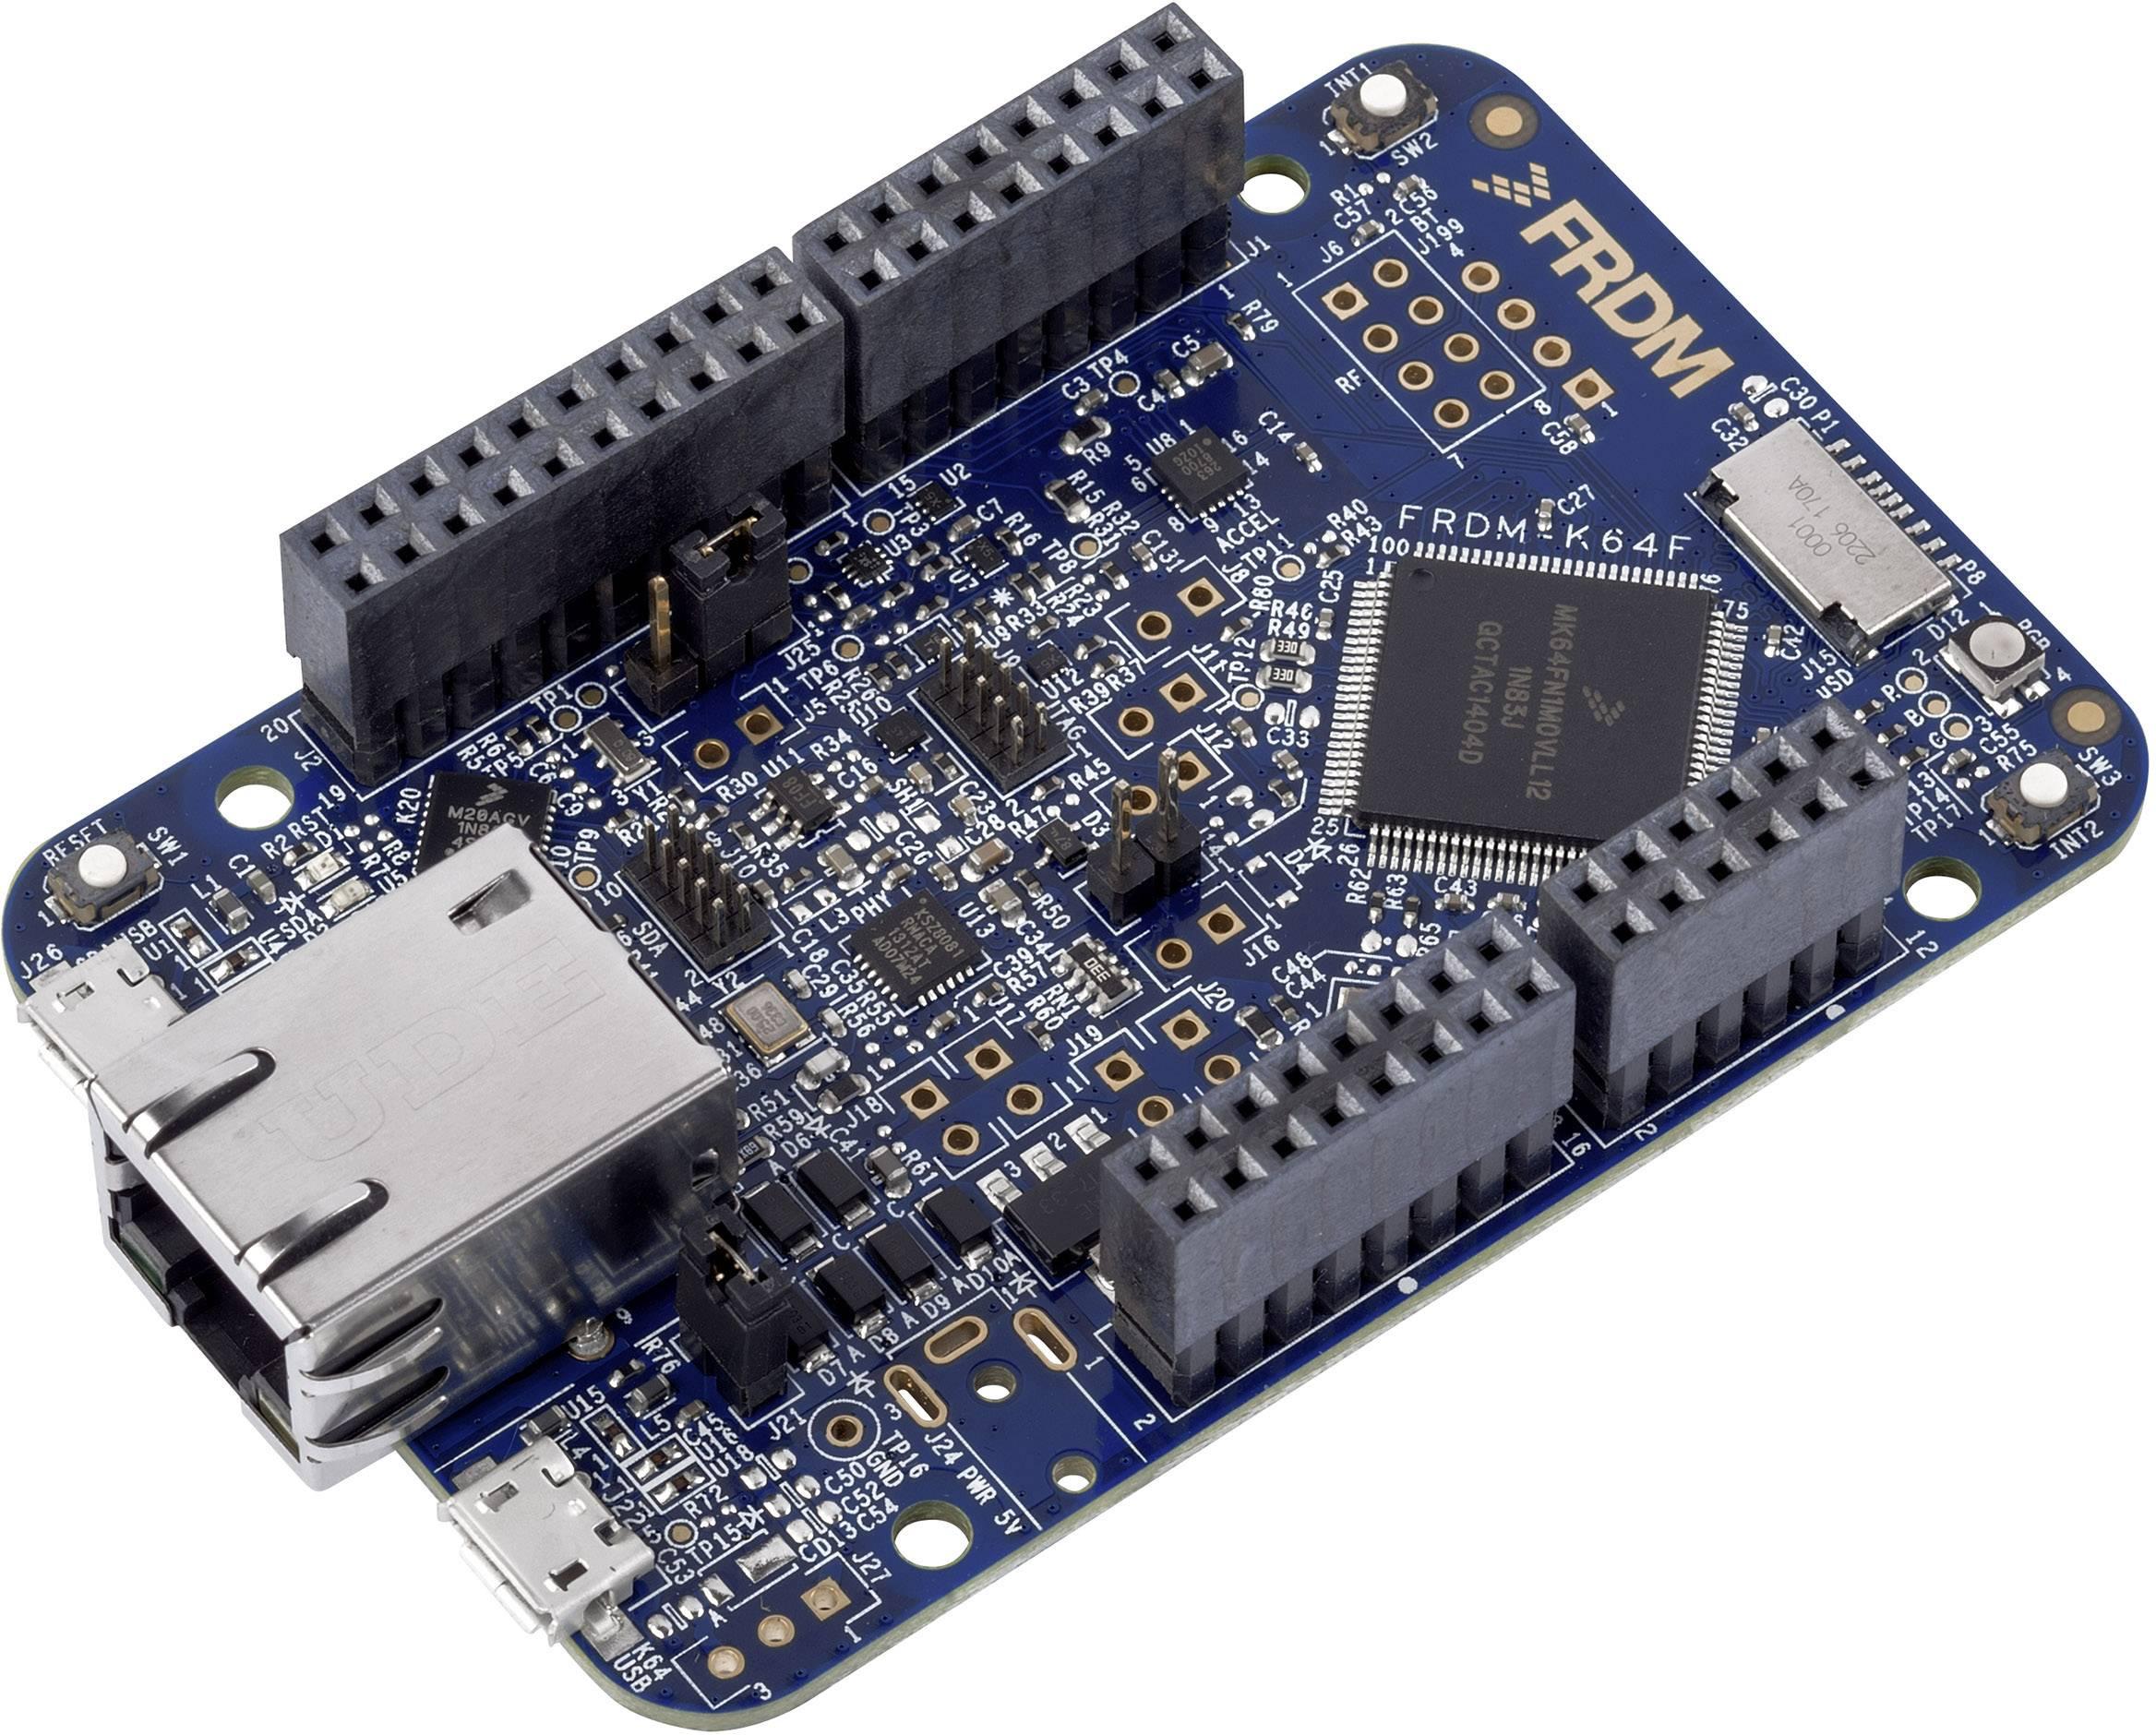 Vývojová doska Freescale Semiconductor FRDM-K64F